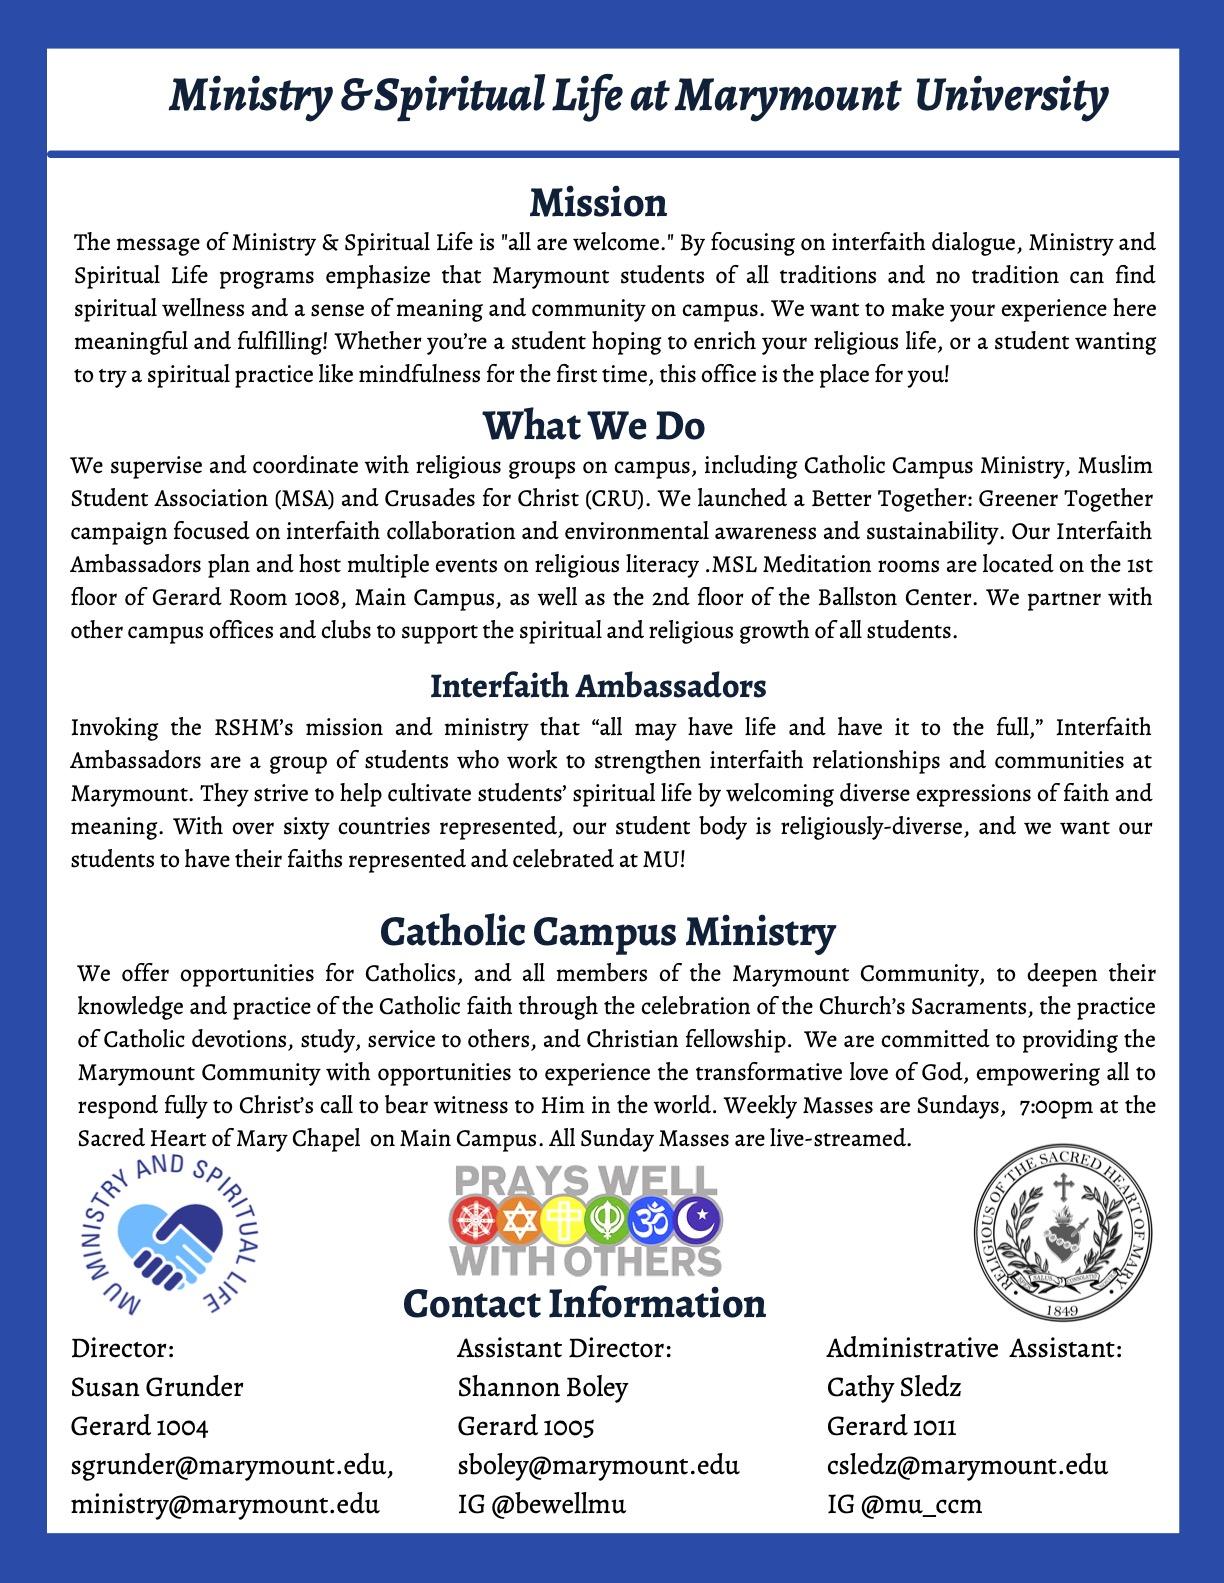 Religious & Spiritual Life on Campus